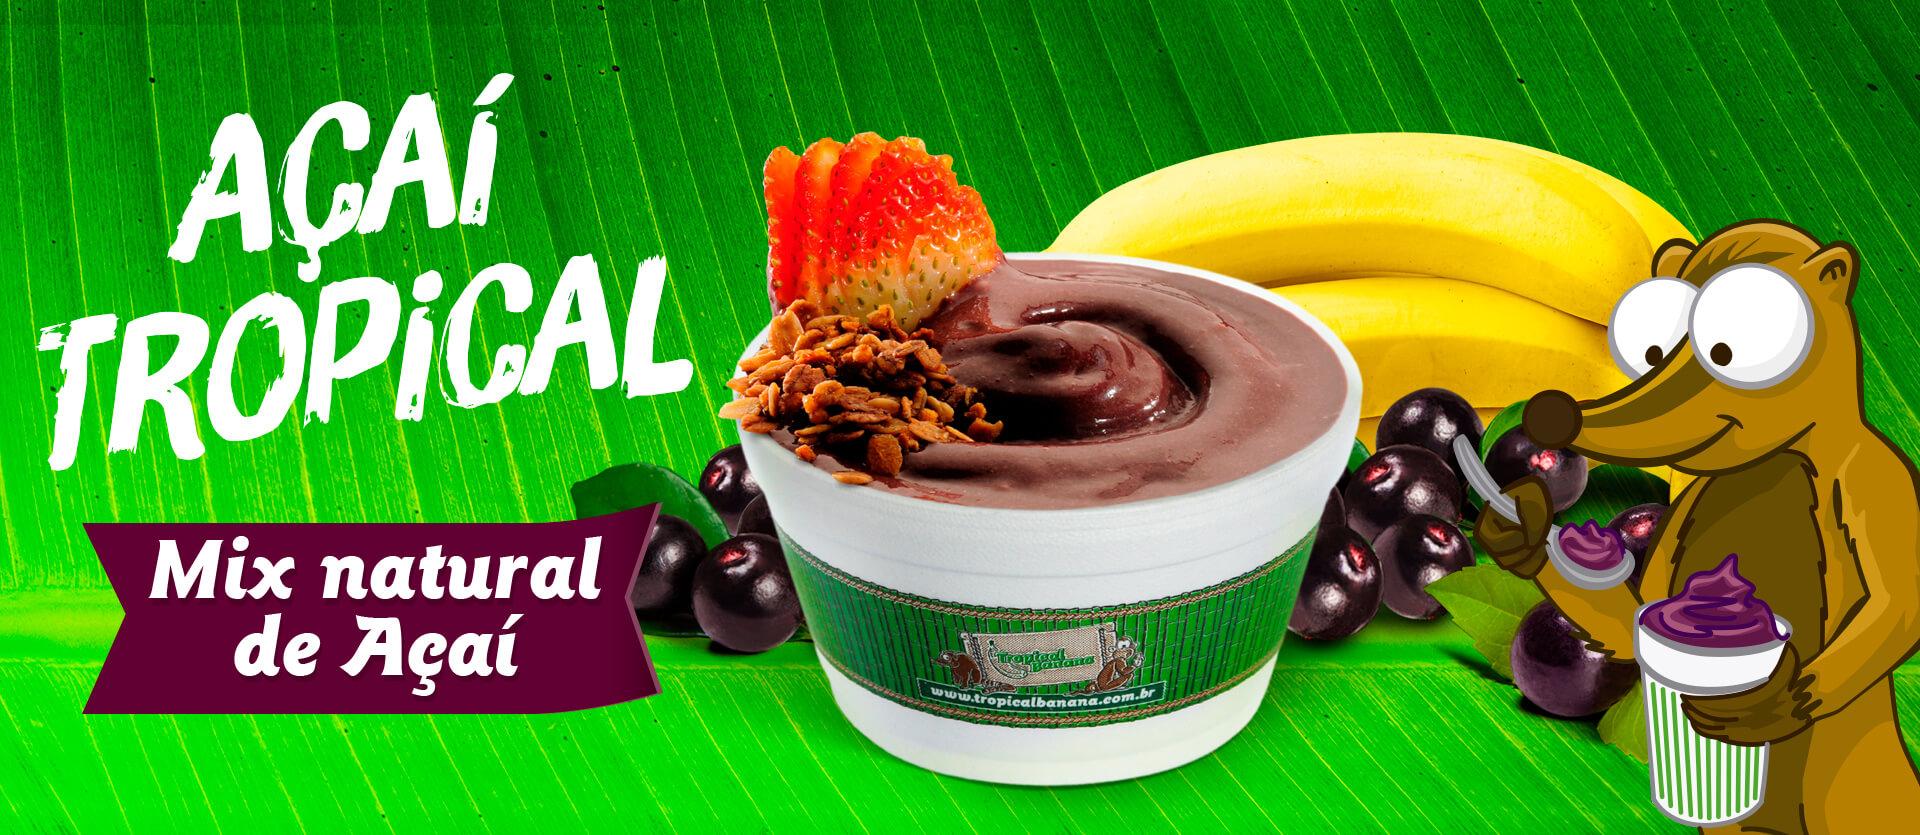 acaí-tropical-tropical-banana